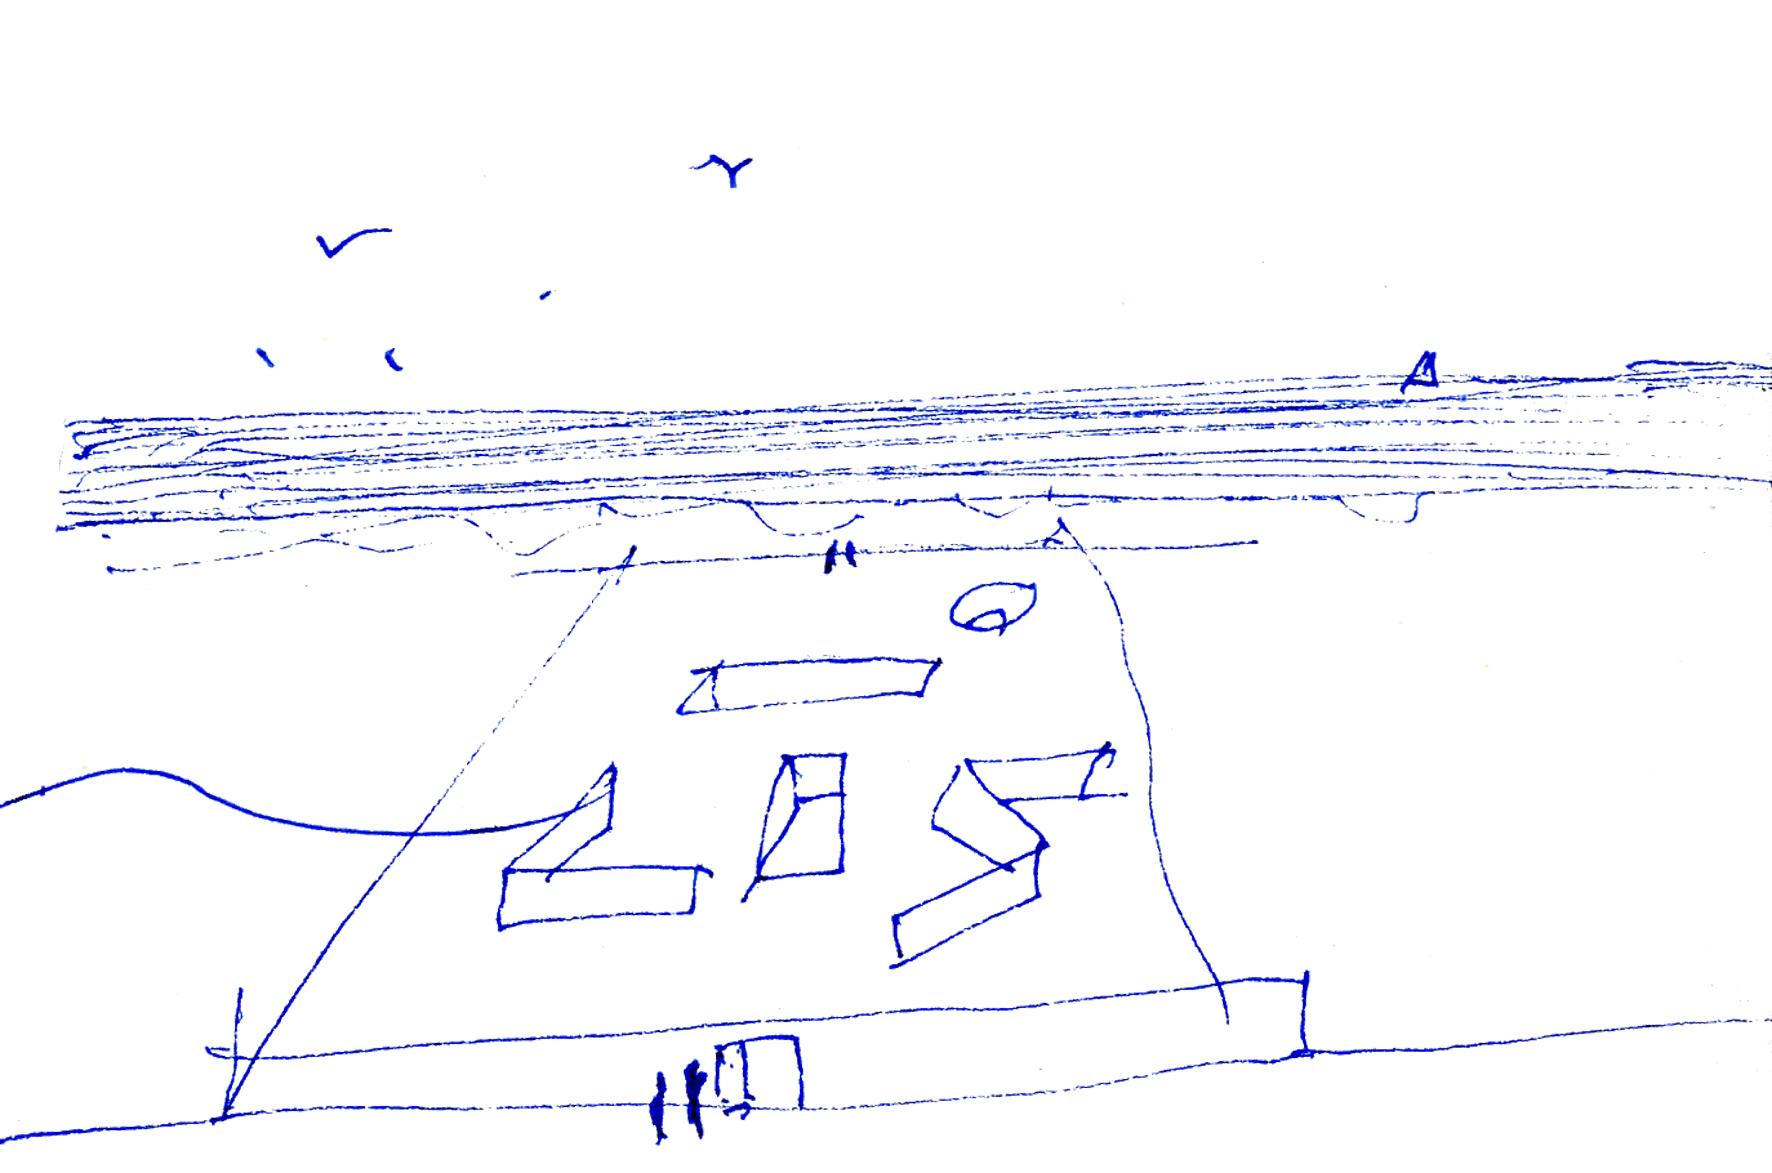 〔안정원의 건축 칼럼〕 수평선을 향해 속삭이듯 풀어낸 간결한 시적인 건축, 무한의 집 2